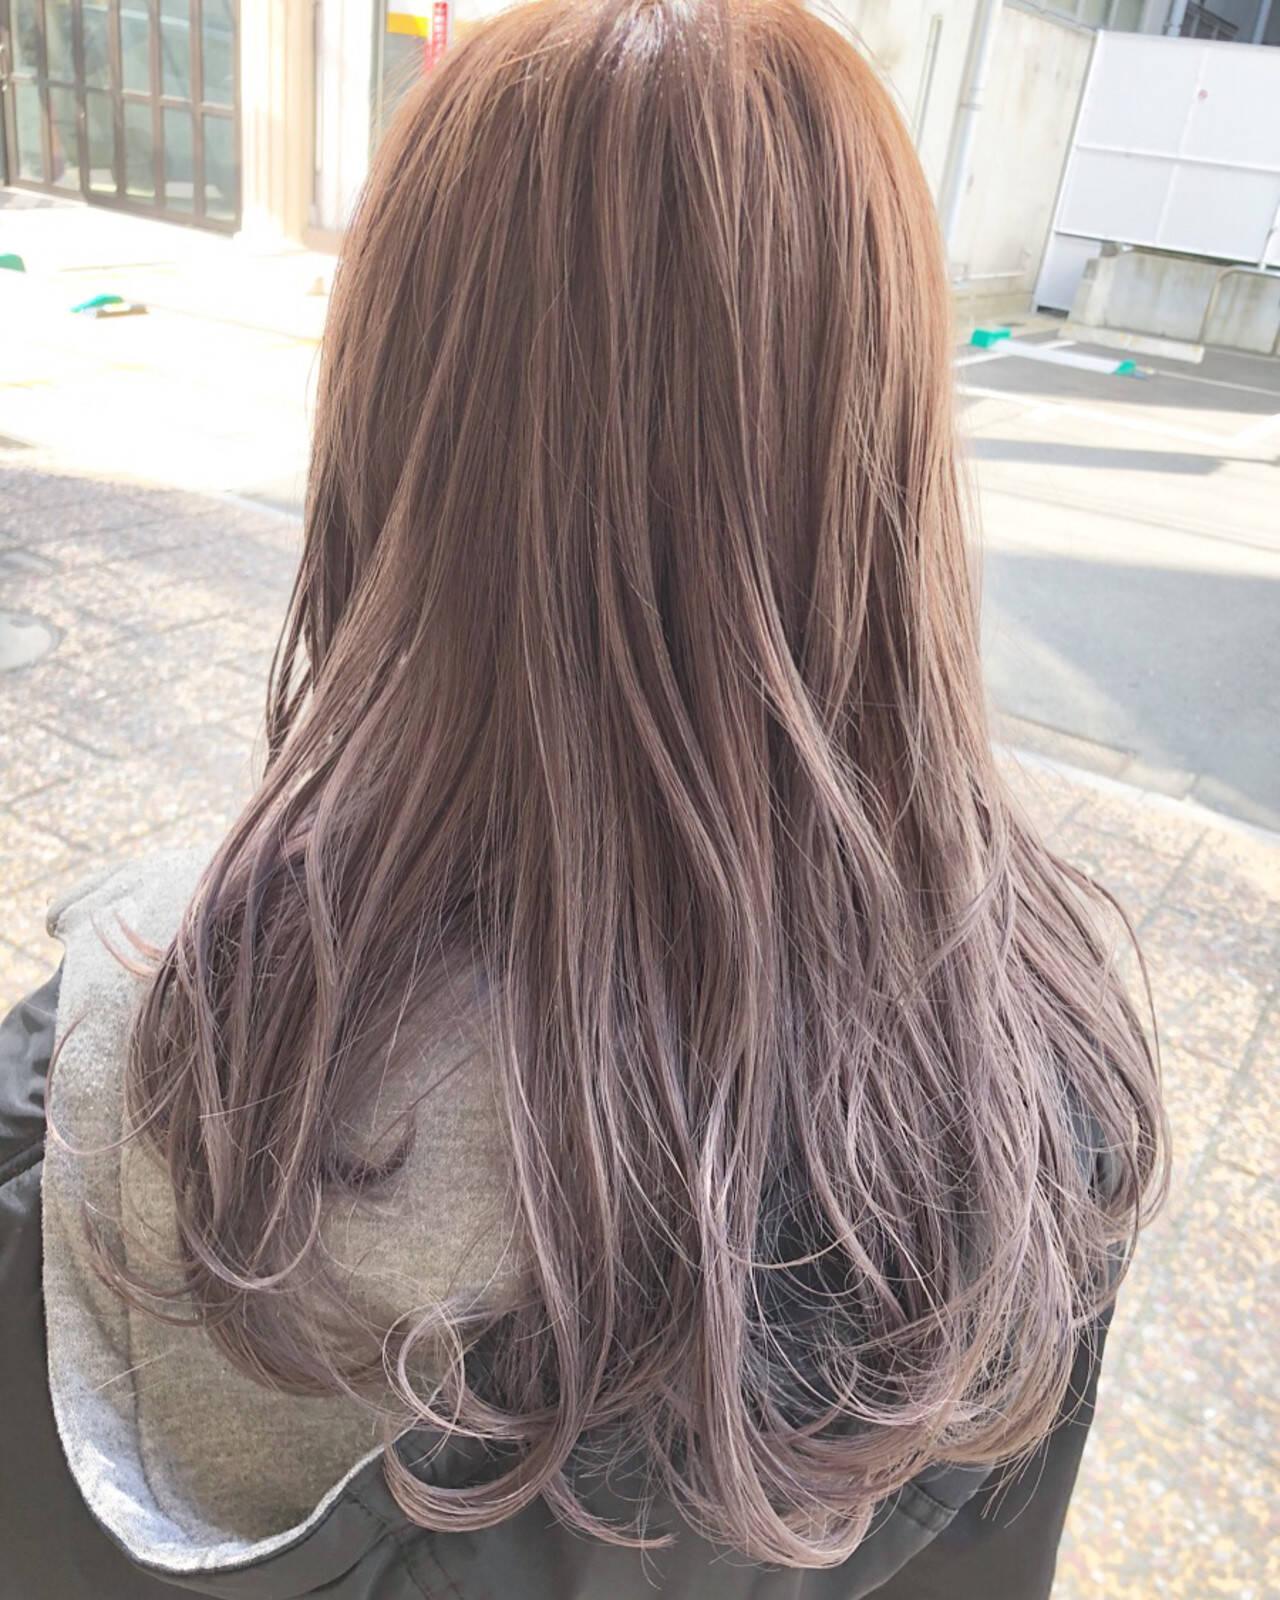 ピンクベージュ セミロング ダブルカラー イルミナカラーヘアスタイルや髪型の写真・画像